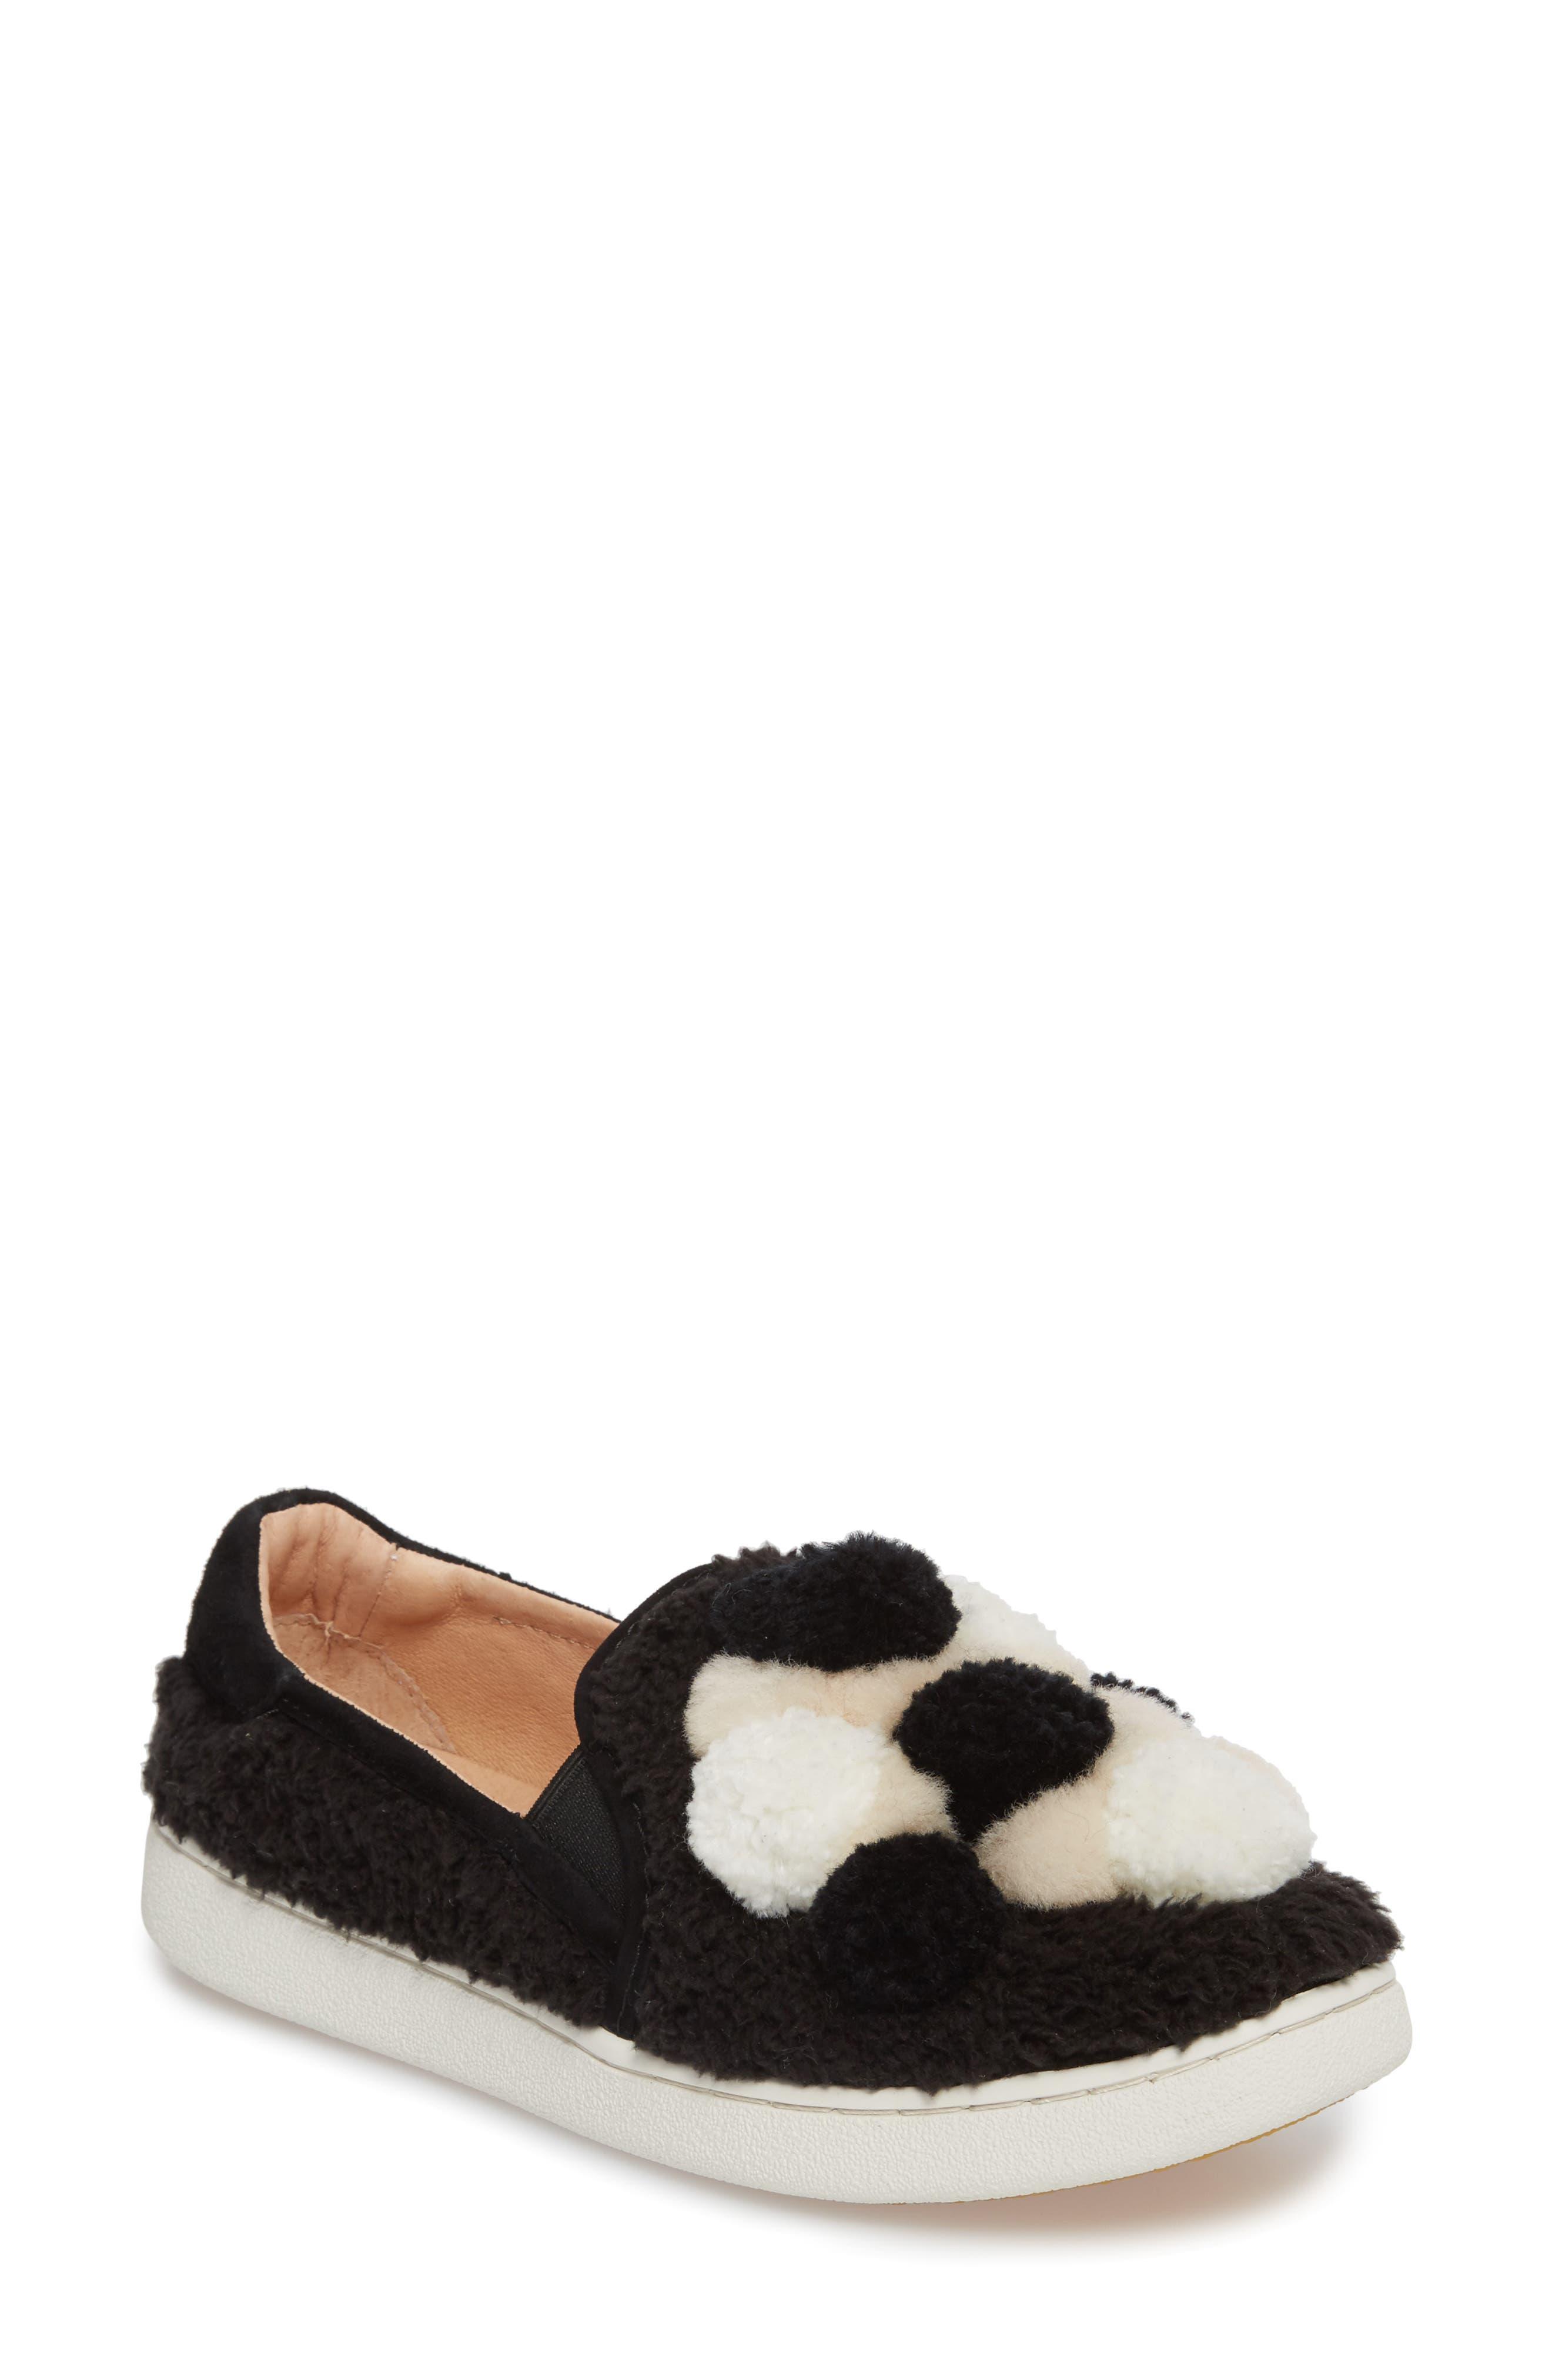 Ricci Plush Genuine Shearling Pompom Slip-On Sneaker,                             Main thumbnail 1, color,                             001